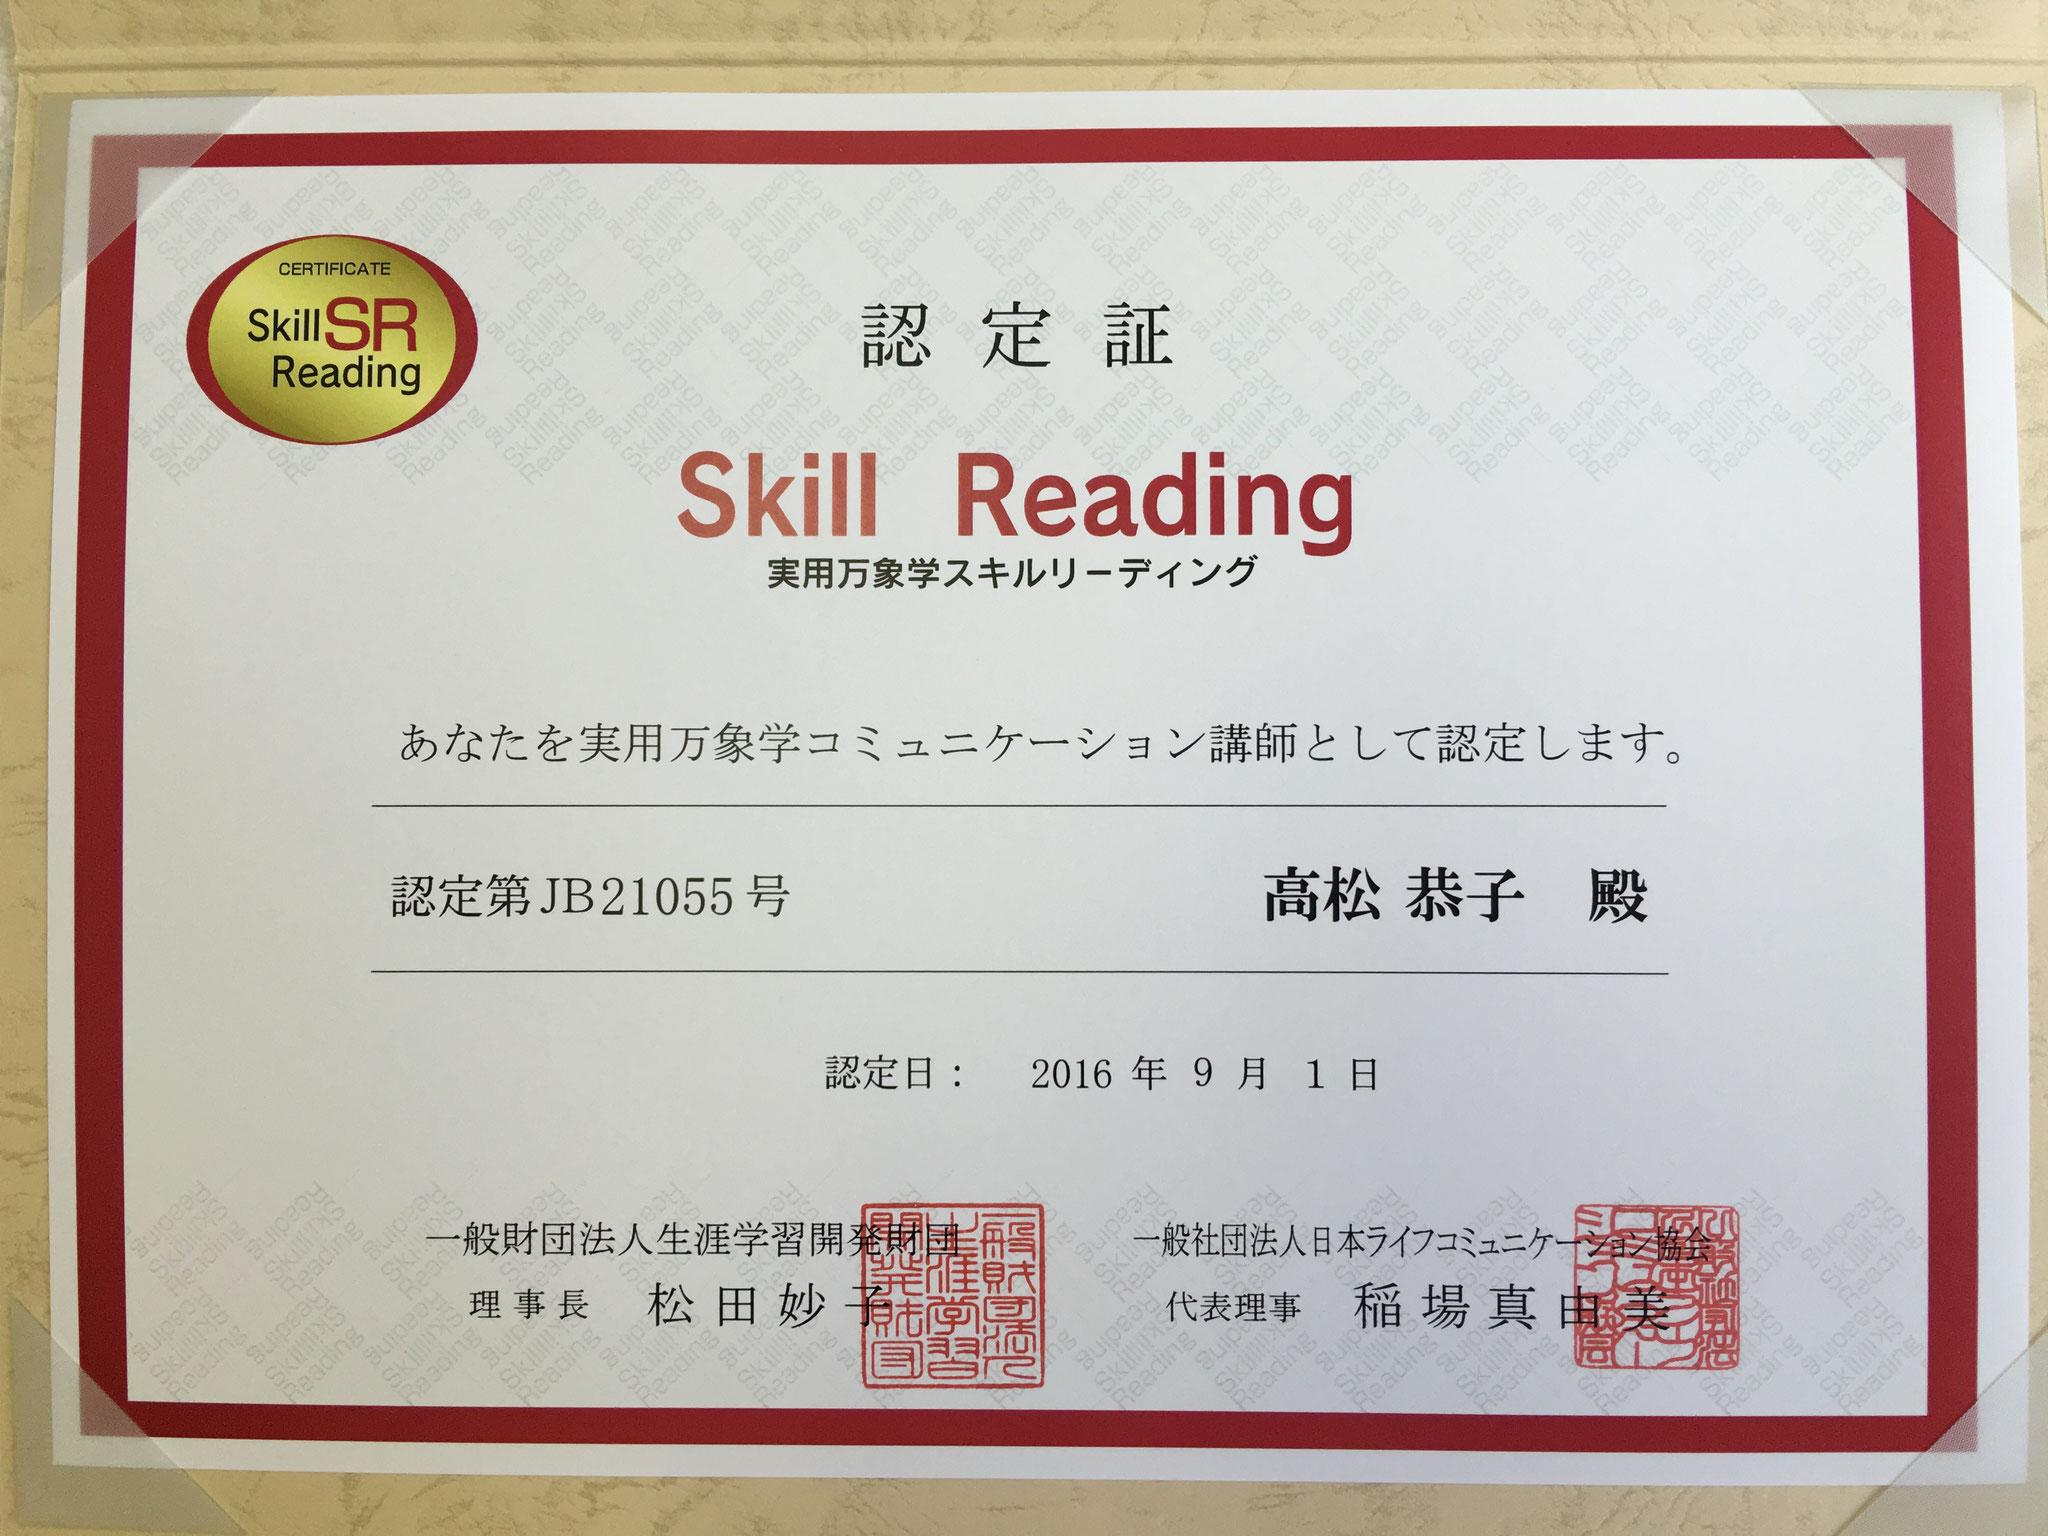 2016年9月1日 実用万象学コミュニケーション講師資格取得(日本ライフコミュニケーション協会認定)